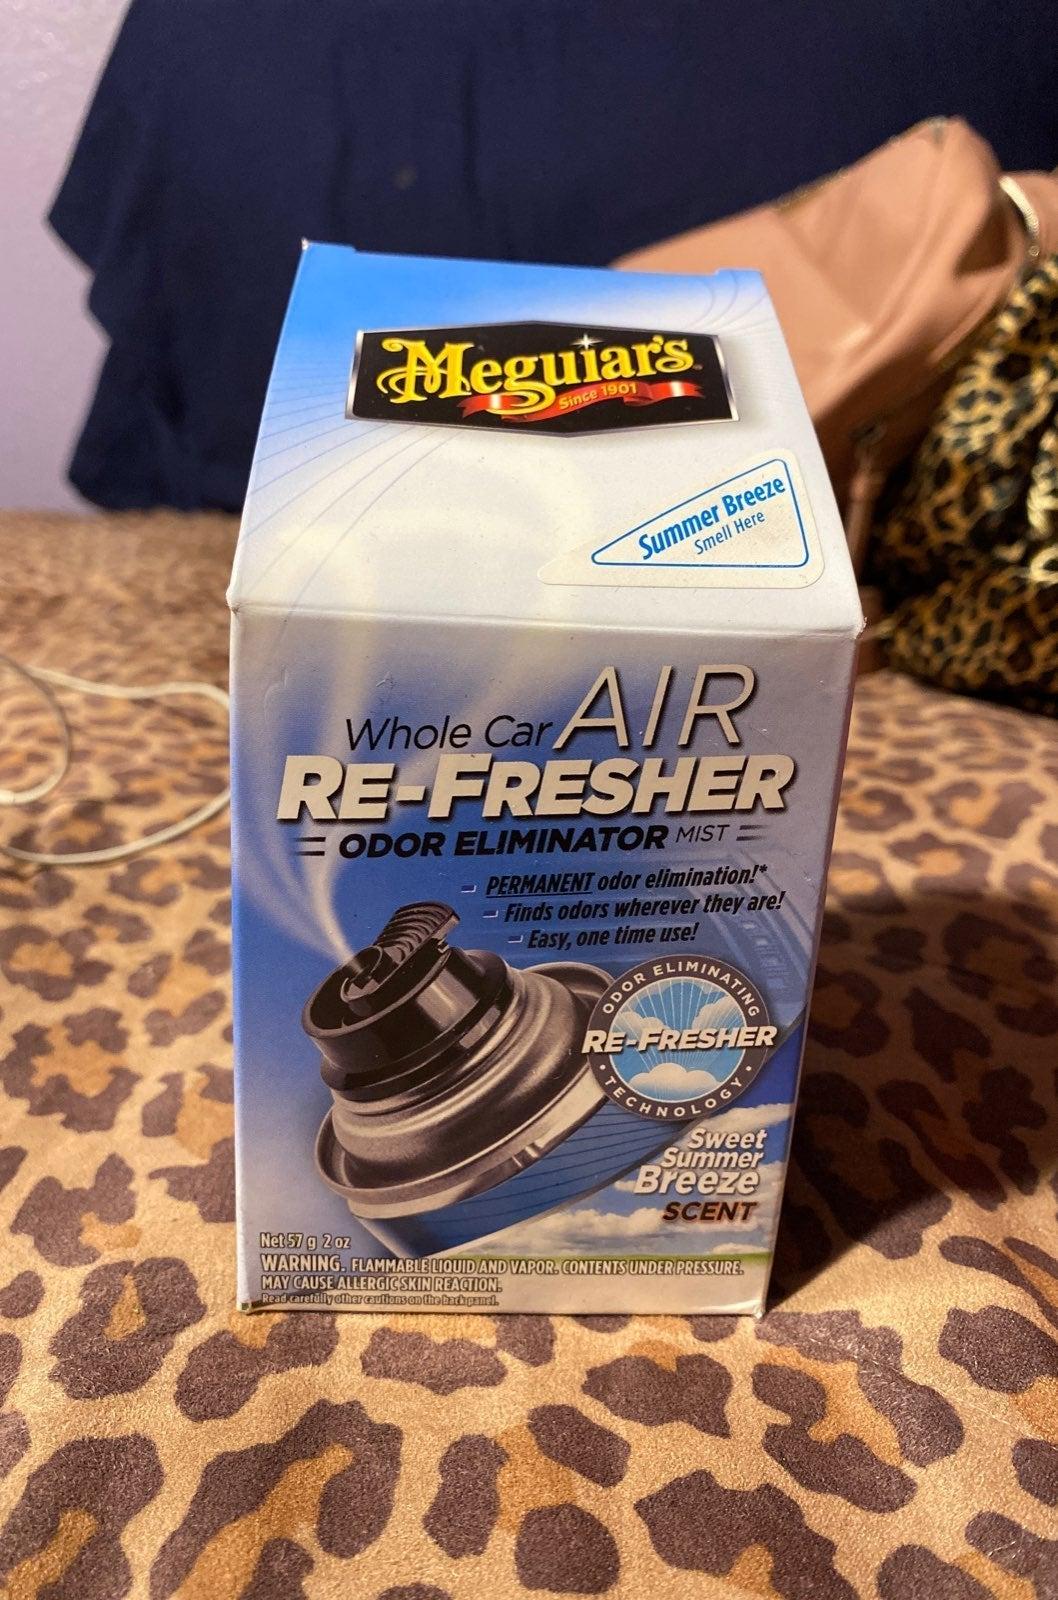 Whole Car air re-fresher